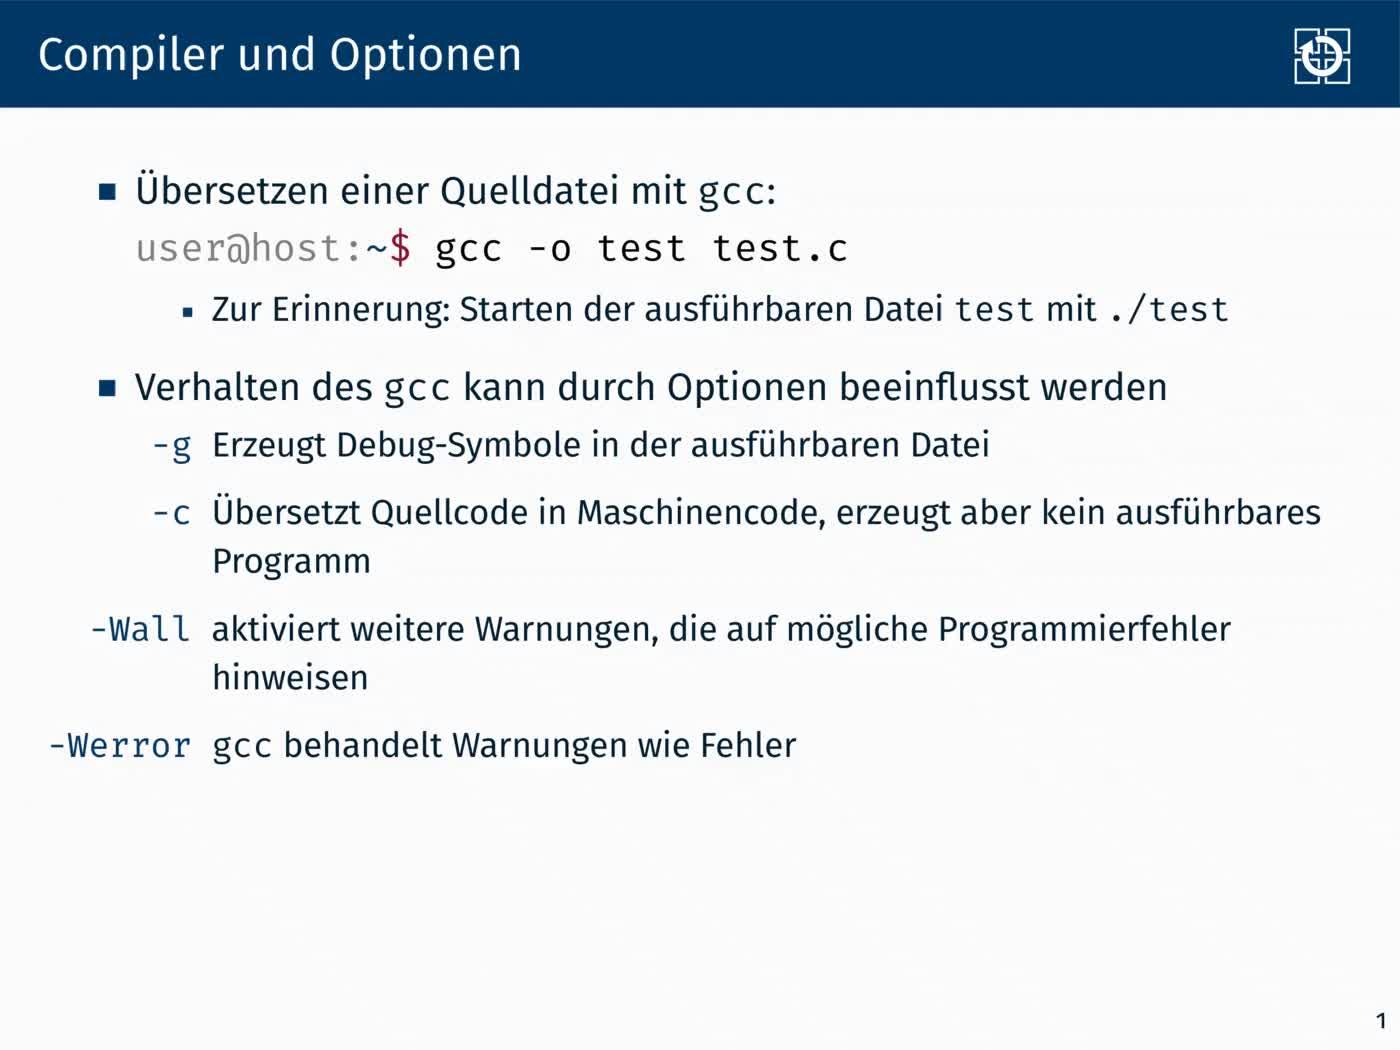 1.1 Dynamische Speicherverwaltung: Übersetzen preview image